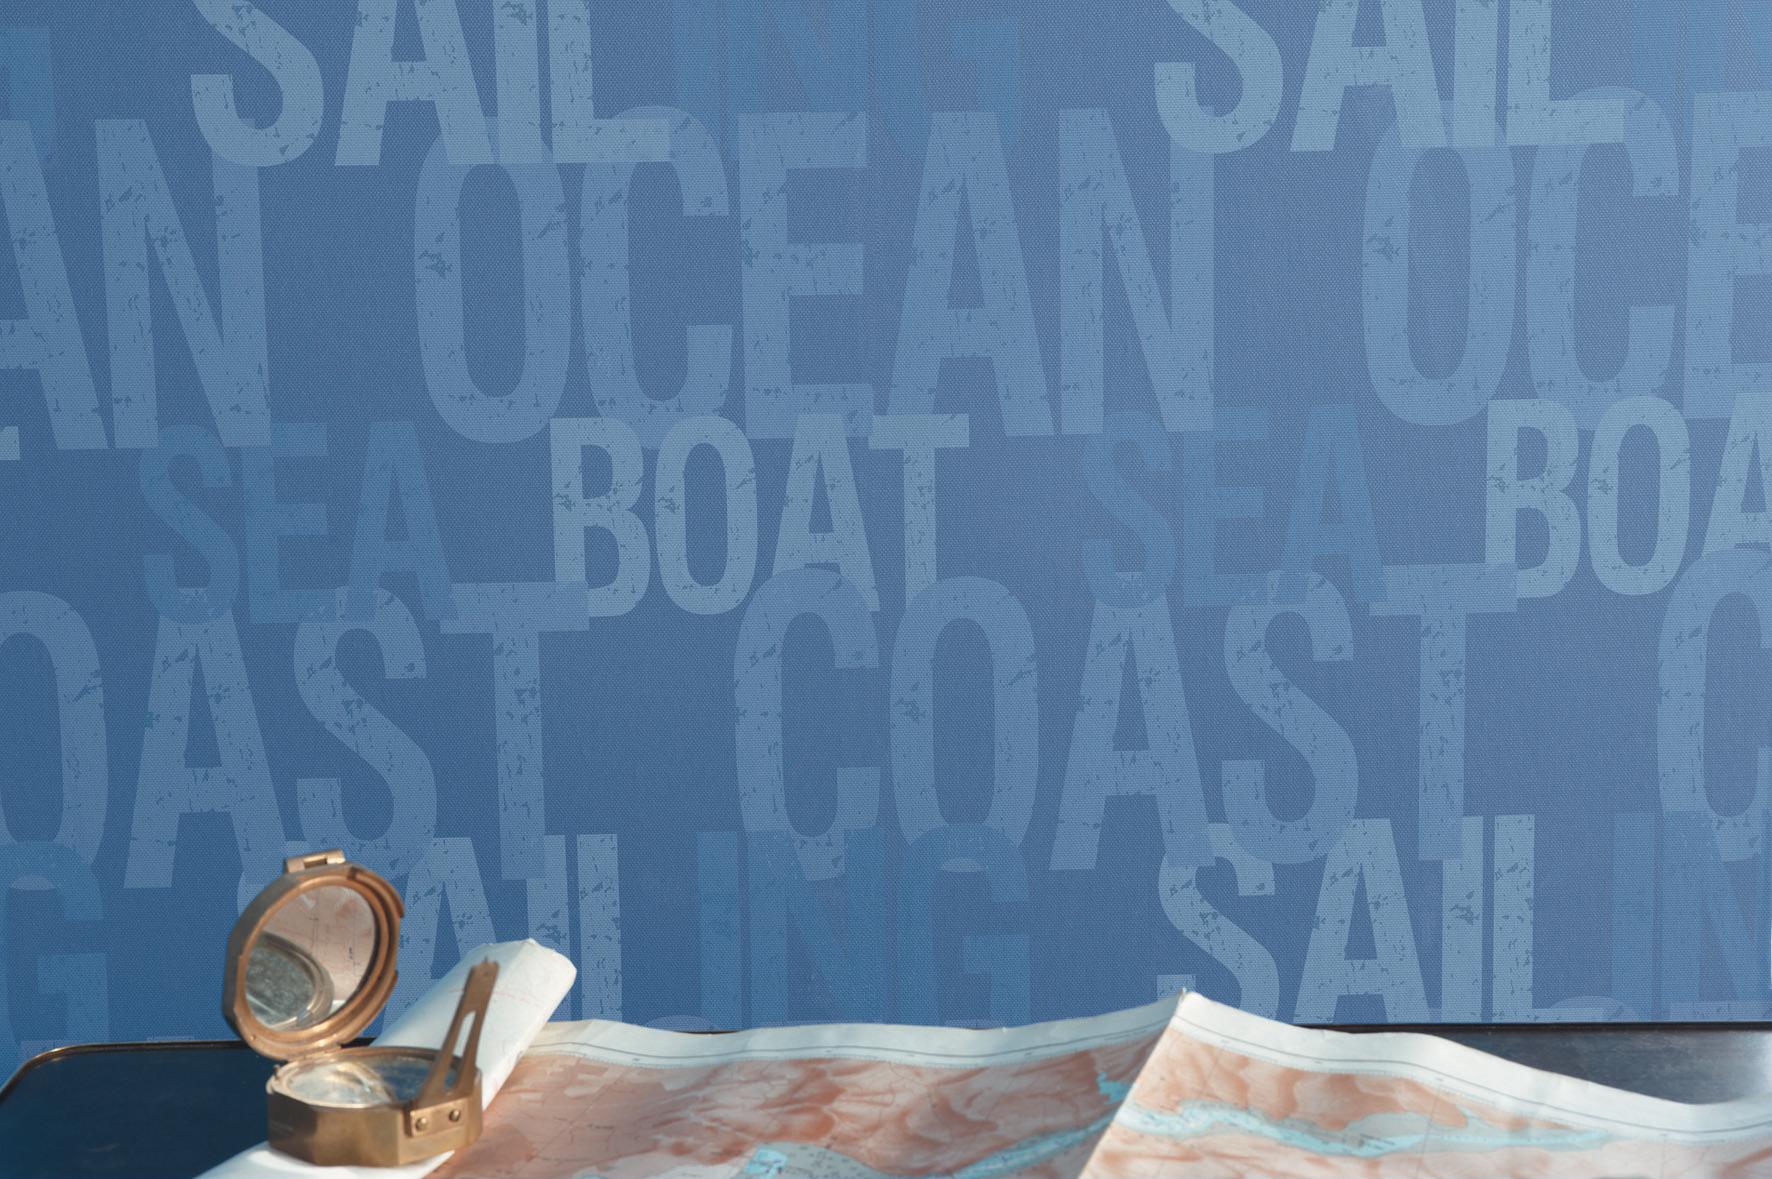 caselio-caphorn-sailing-zoom1